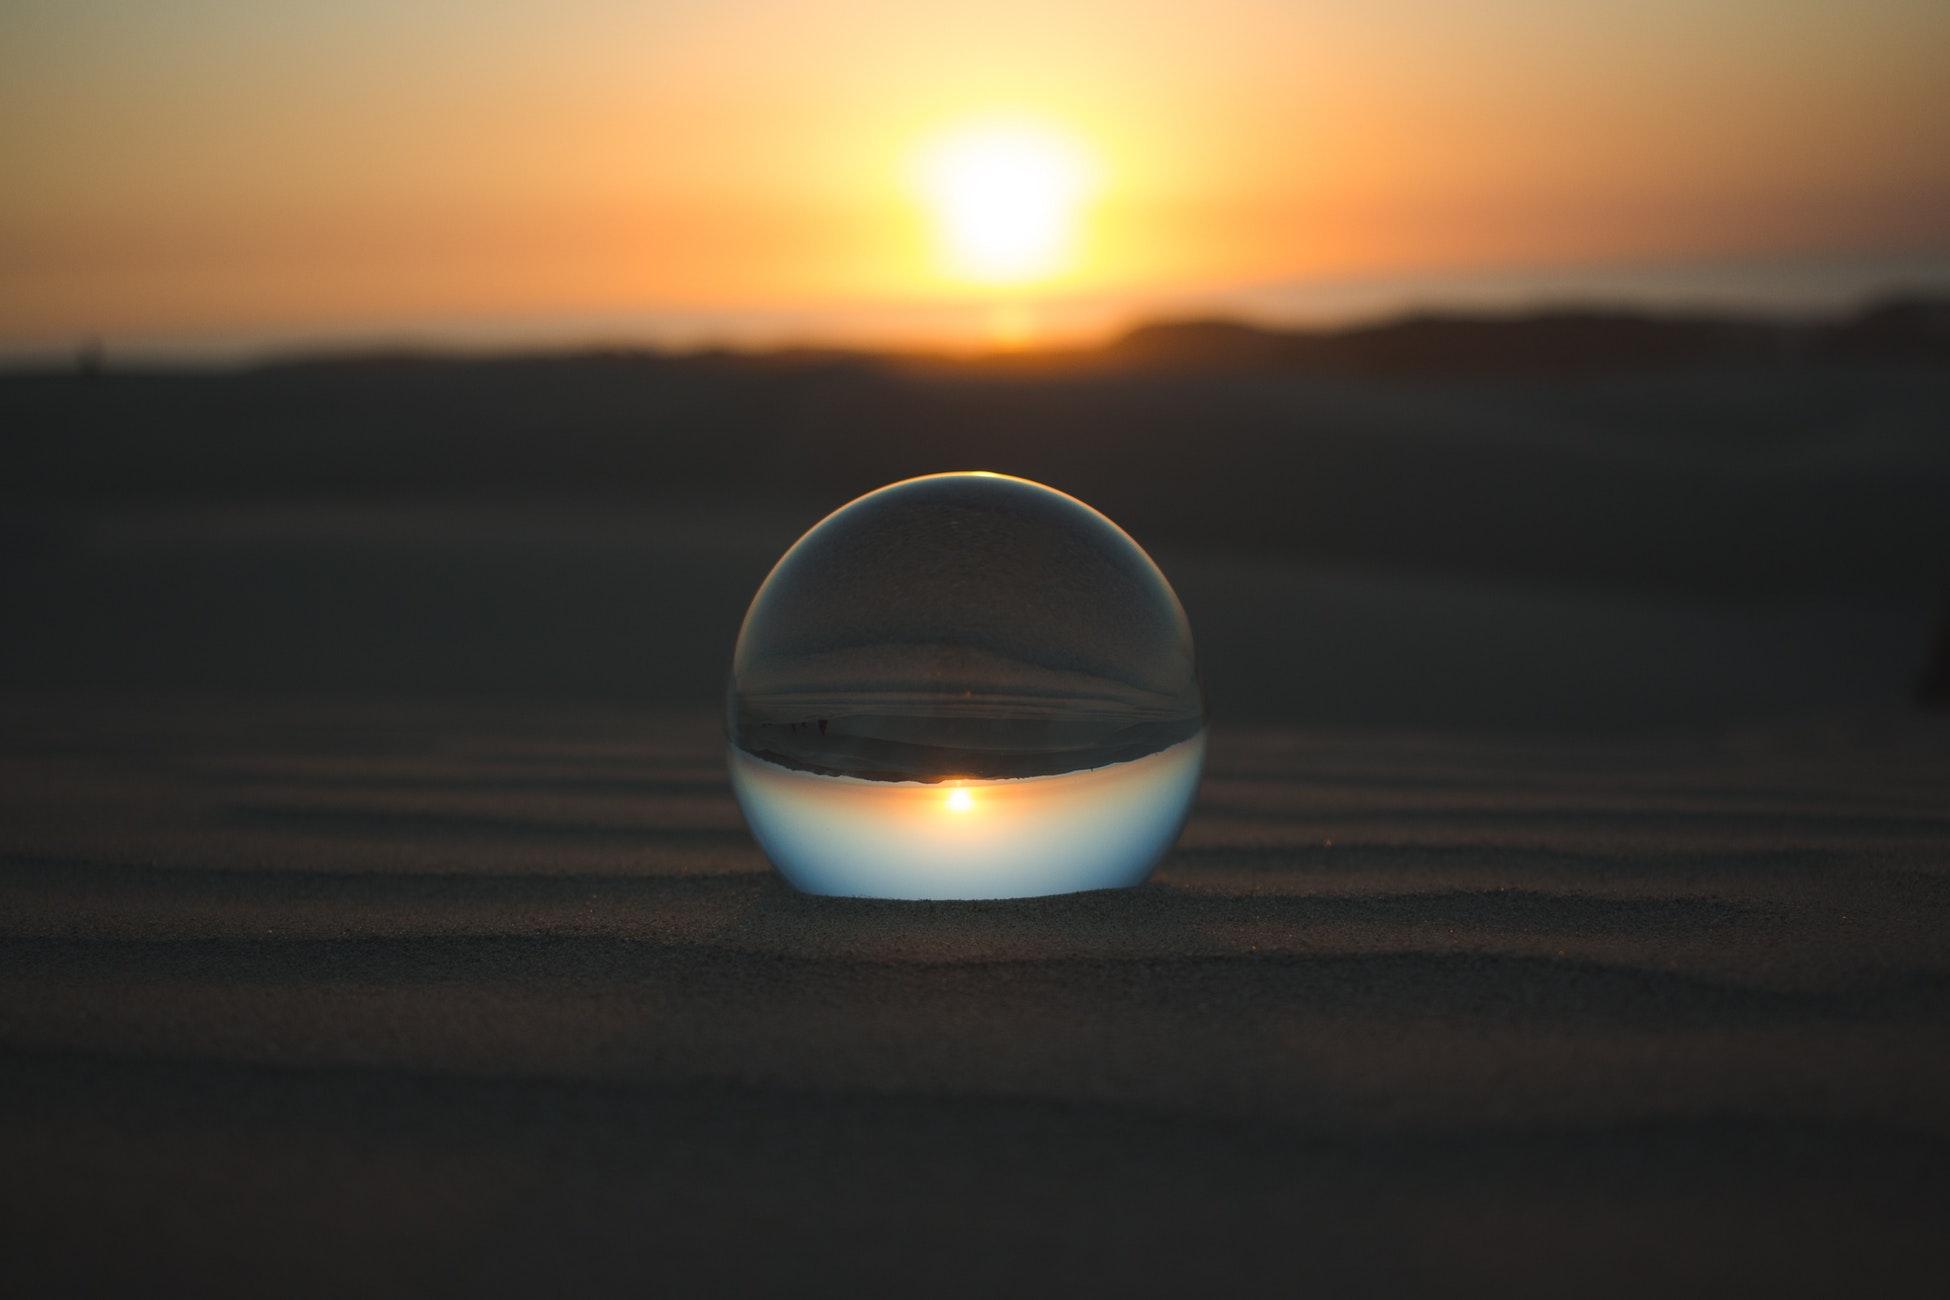 Los que se propone es que una explicación científica de los milagros y la física cuántica desde una perspectiva del principio de incertidumbre de Heisenberg es perfectamente posible